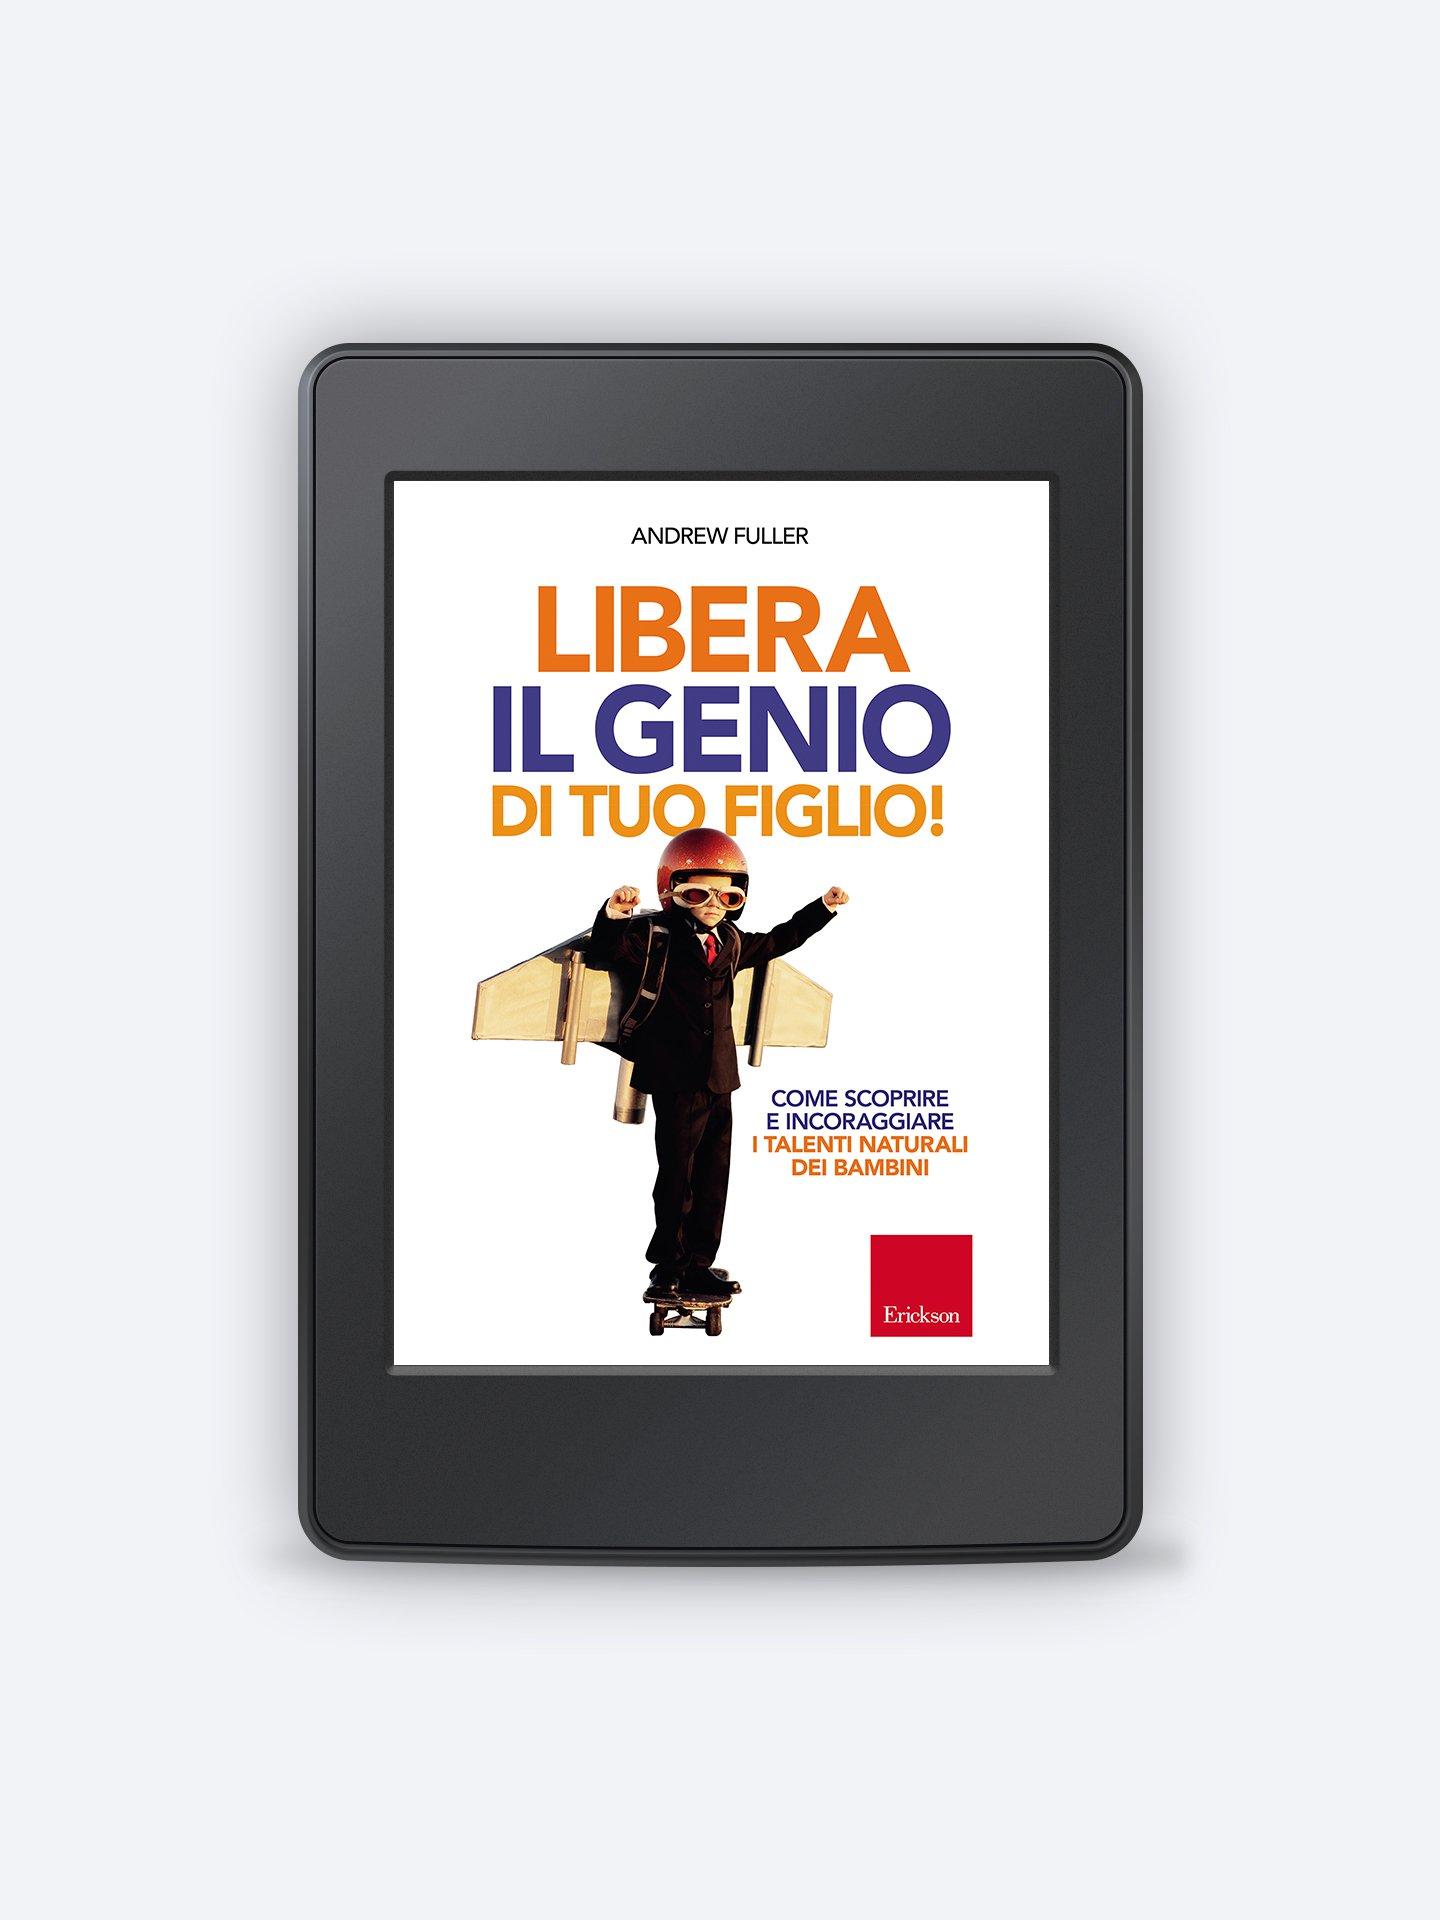 Libera il genio di tuo figlio! - Libri - Erickson 3